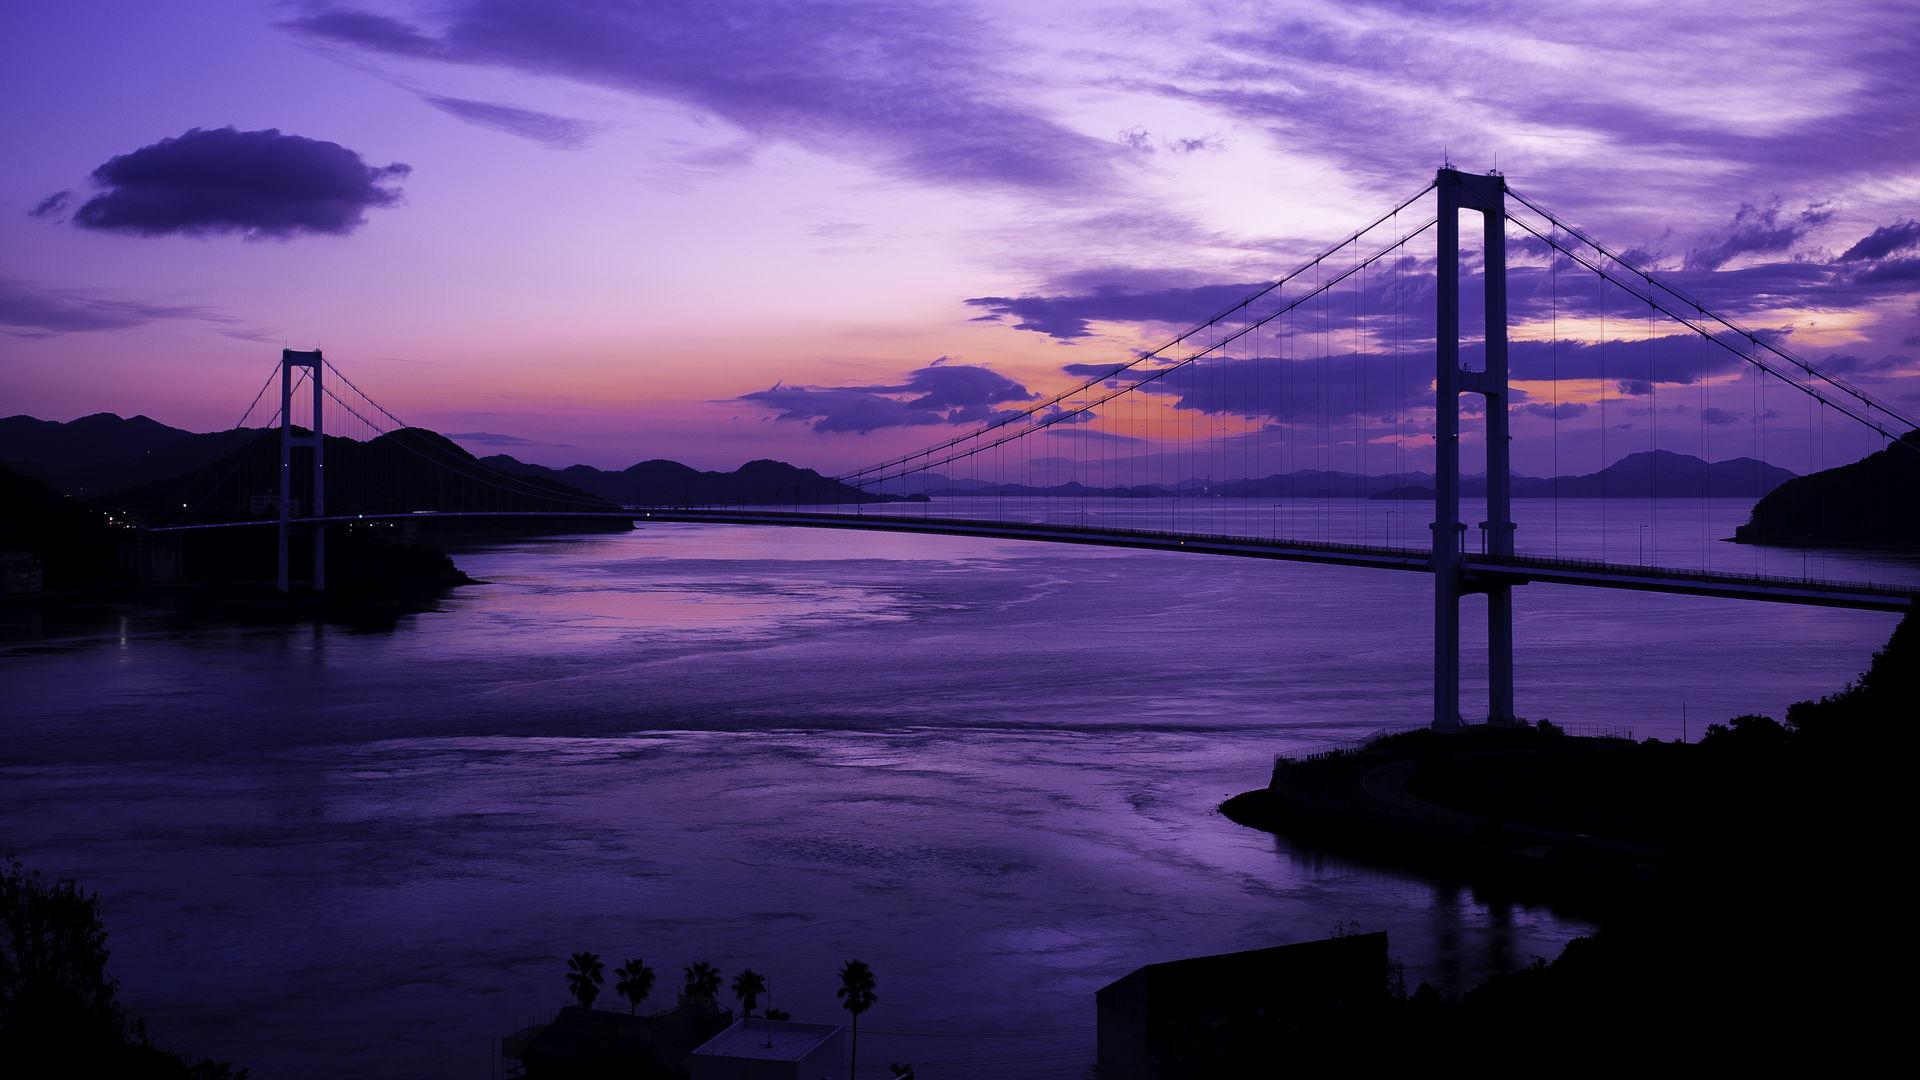 広島県 安芸灘大橋の夜明け